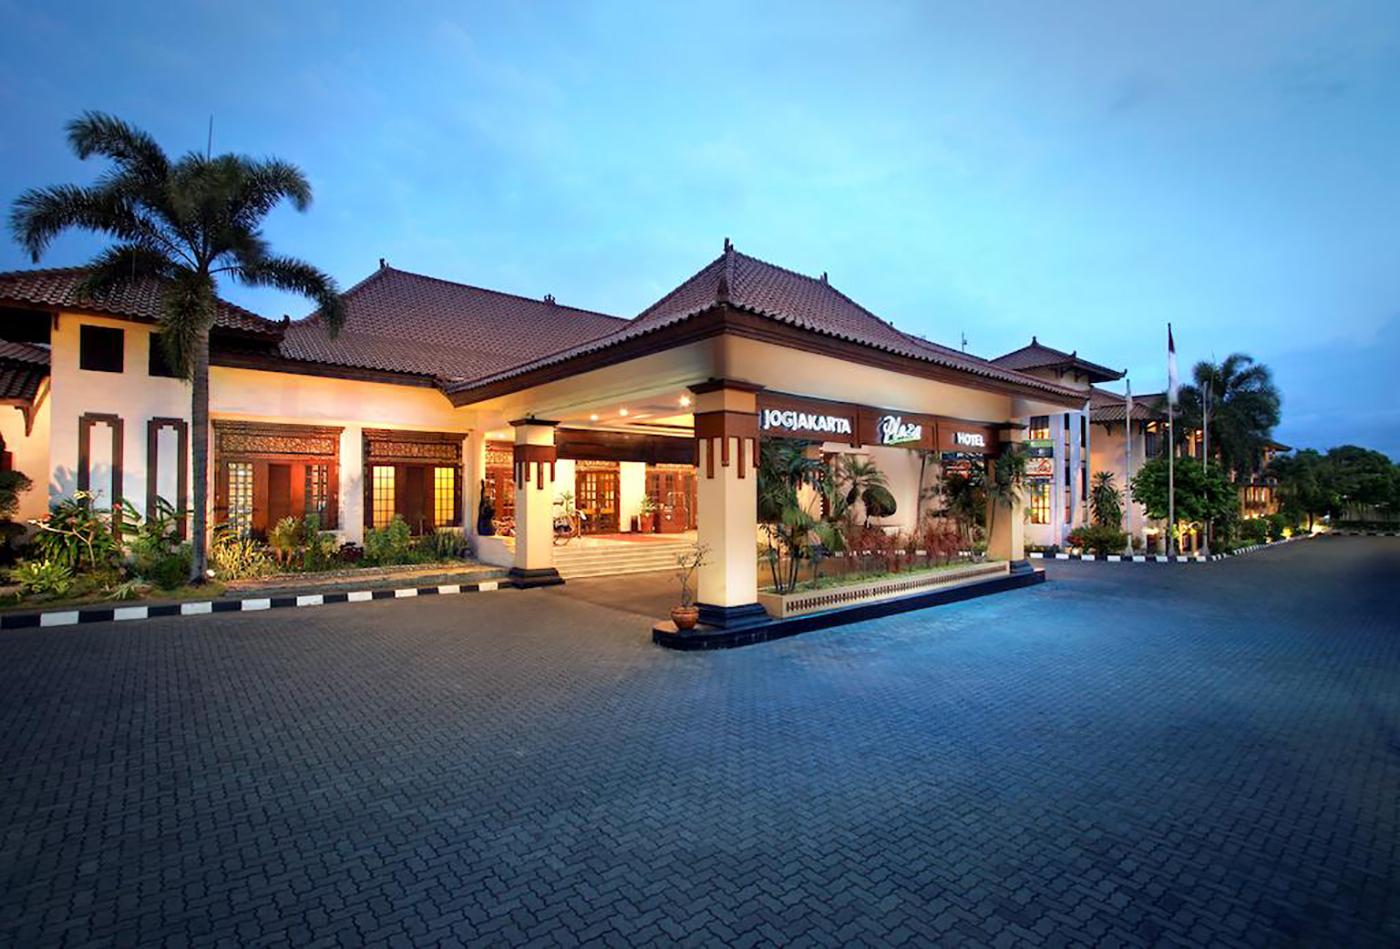 Prime Plaza Yokyakarta